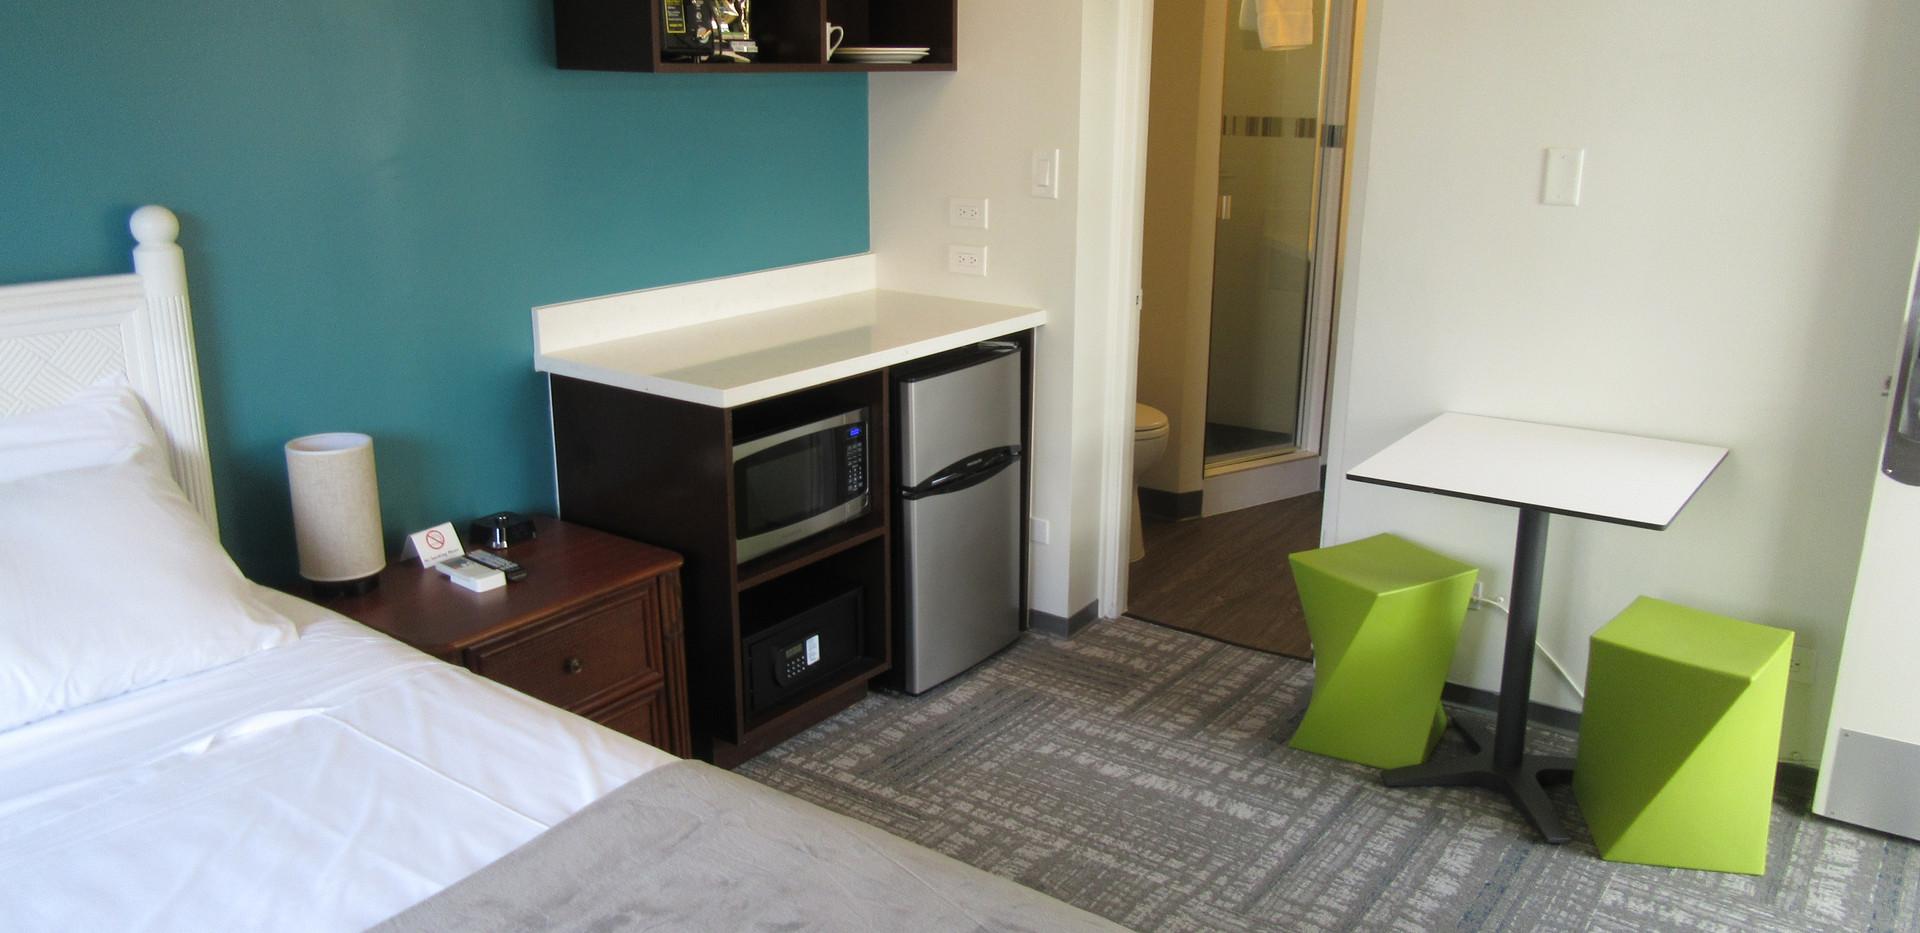 kitchen 1 queen bed room